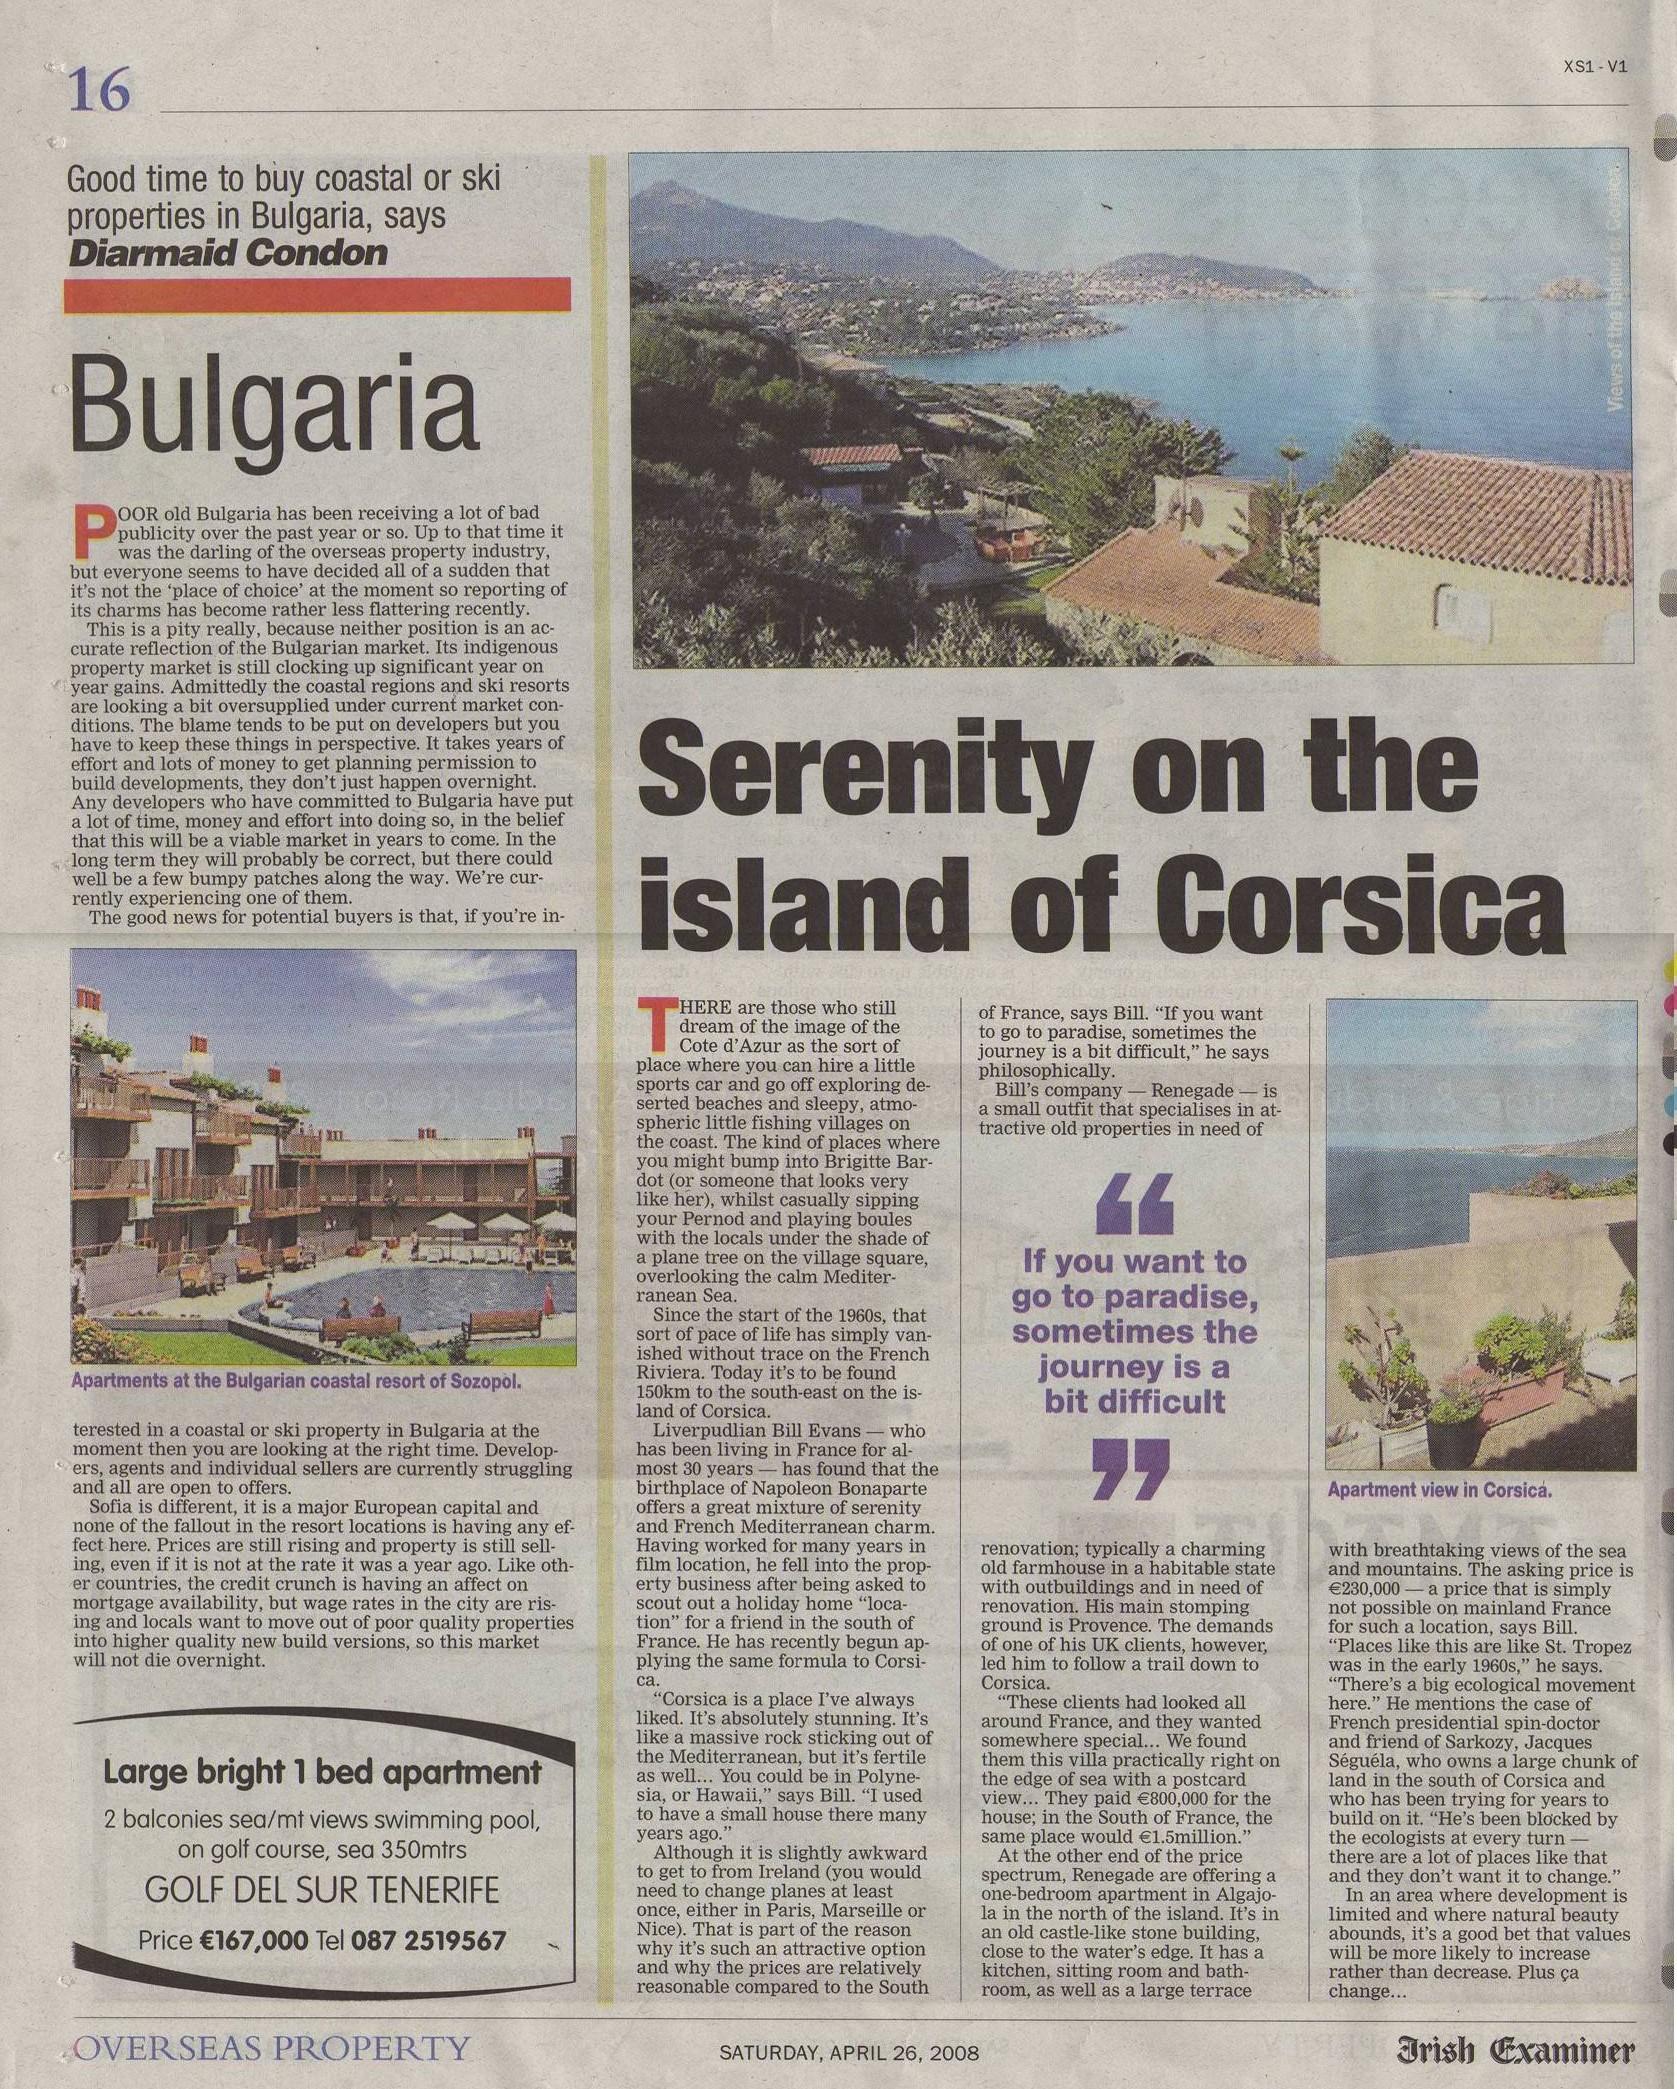 Examiner Apr 08 Corsica